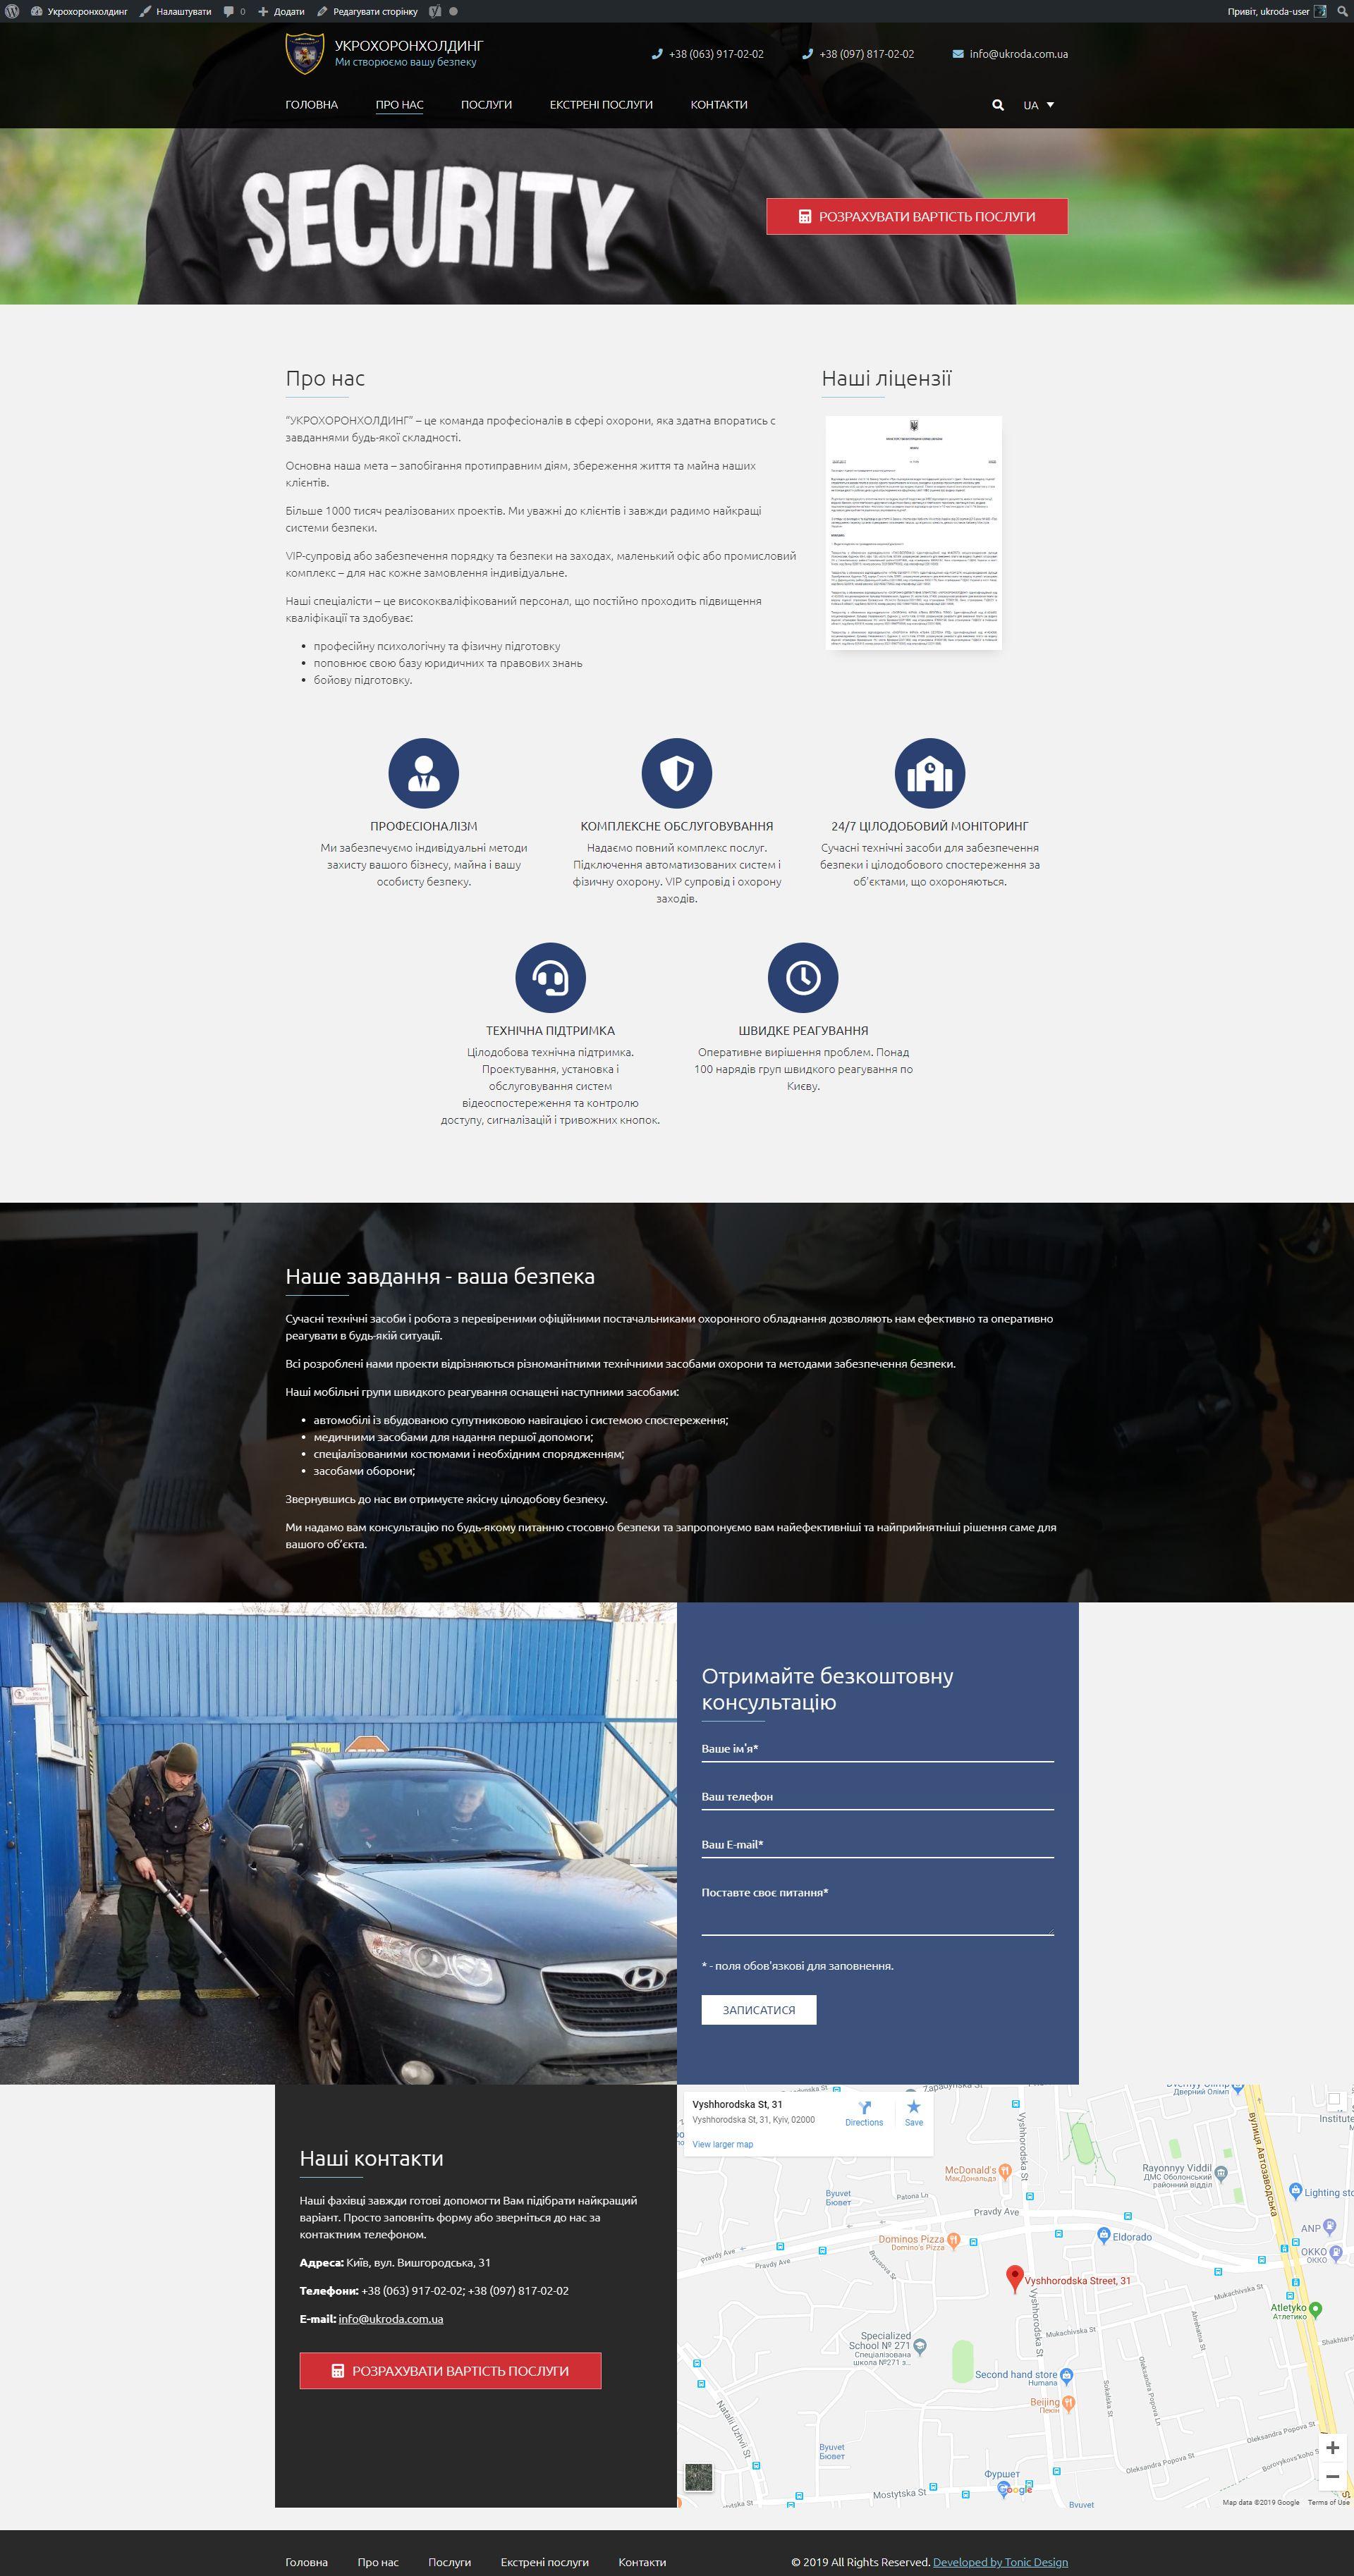 Разработка веб сайта для охранно-детективного агентства УКРОХОРОНХОЛДИНГ. портфолио